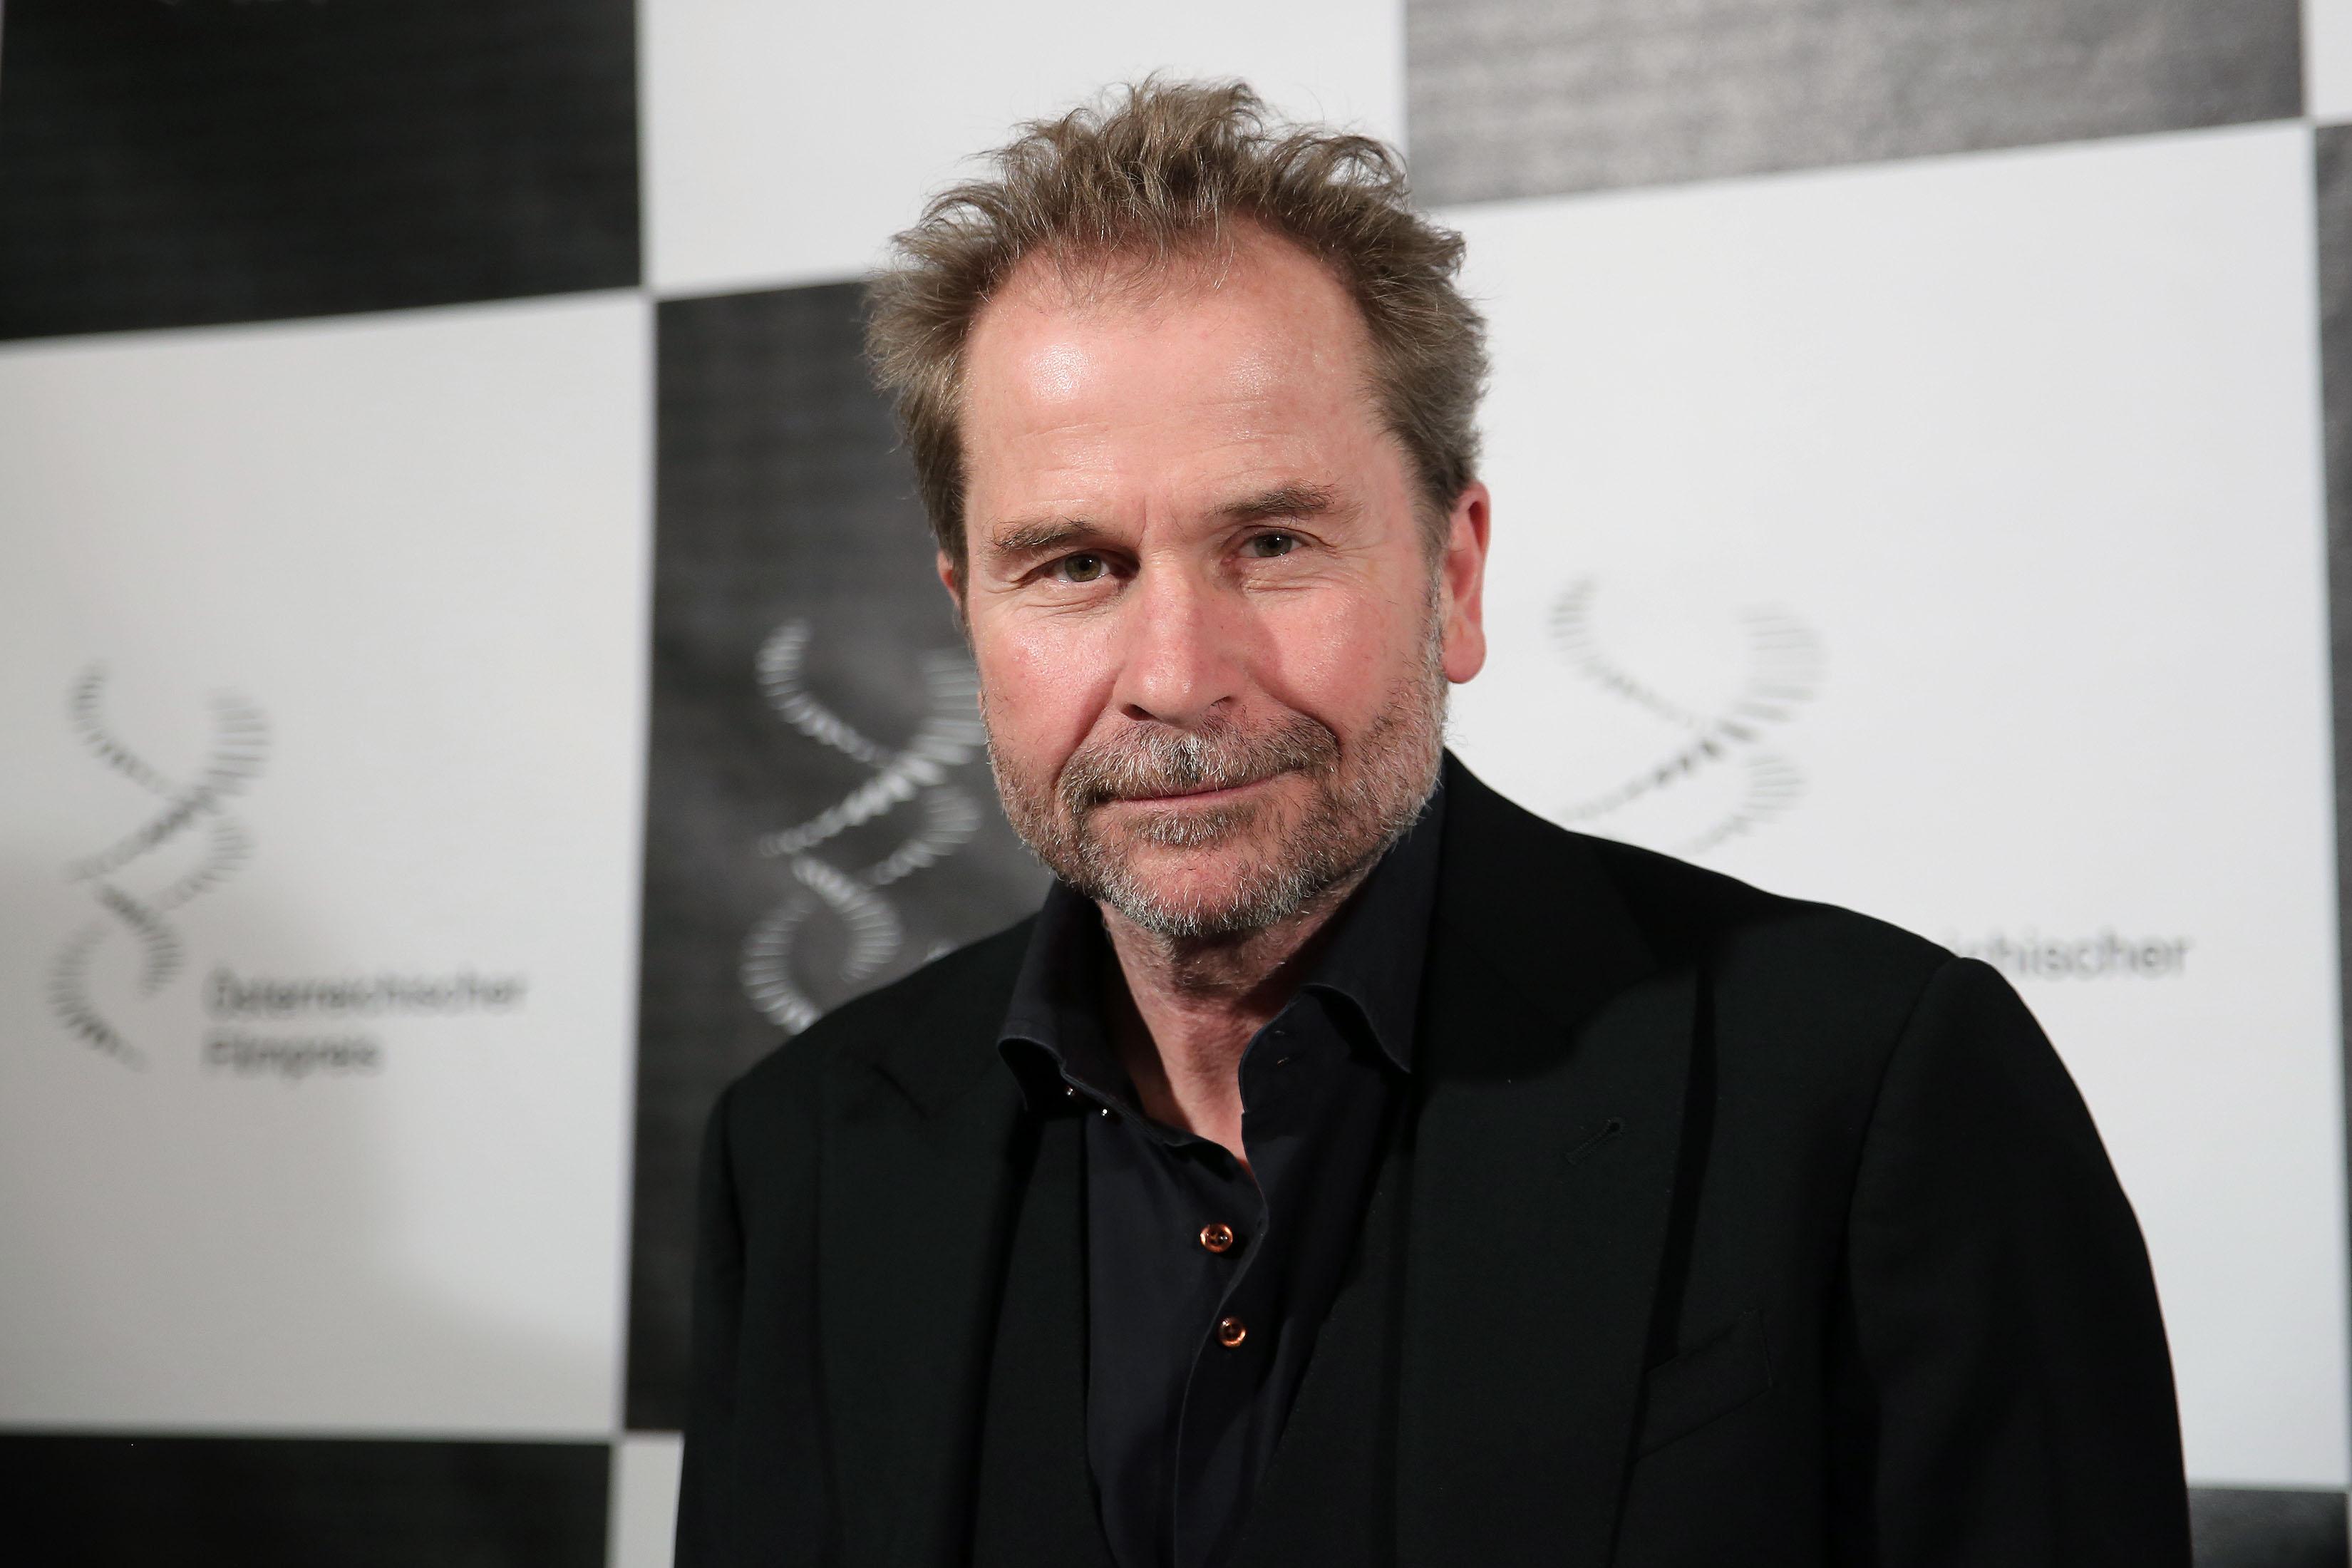 https://upload.wikimedia.org/wikipedia/commons/1/16/%C3%96sterreichischer_Filmpreis_2013_B_Ulrich_Seidl_2.jpg